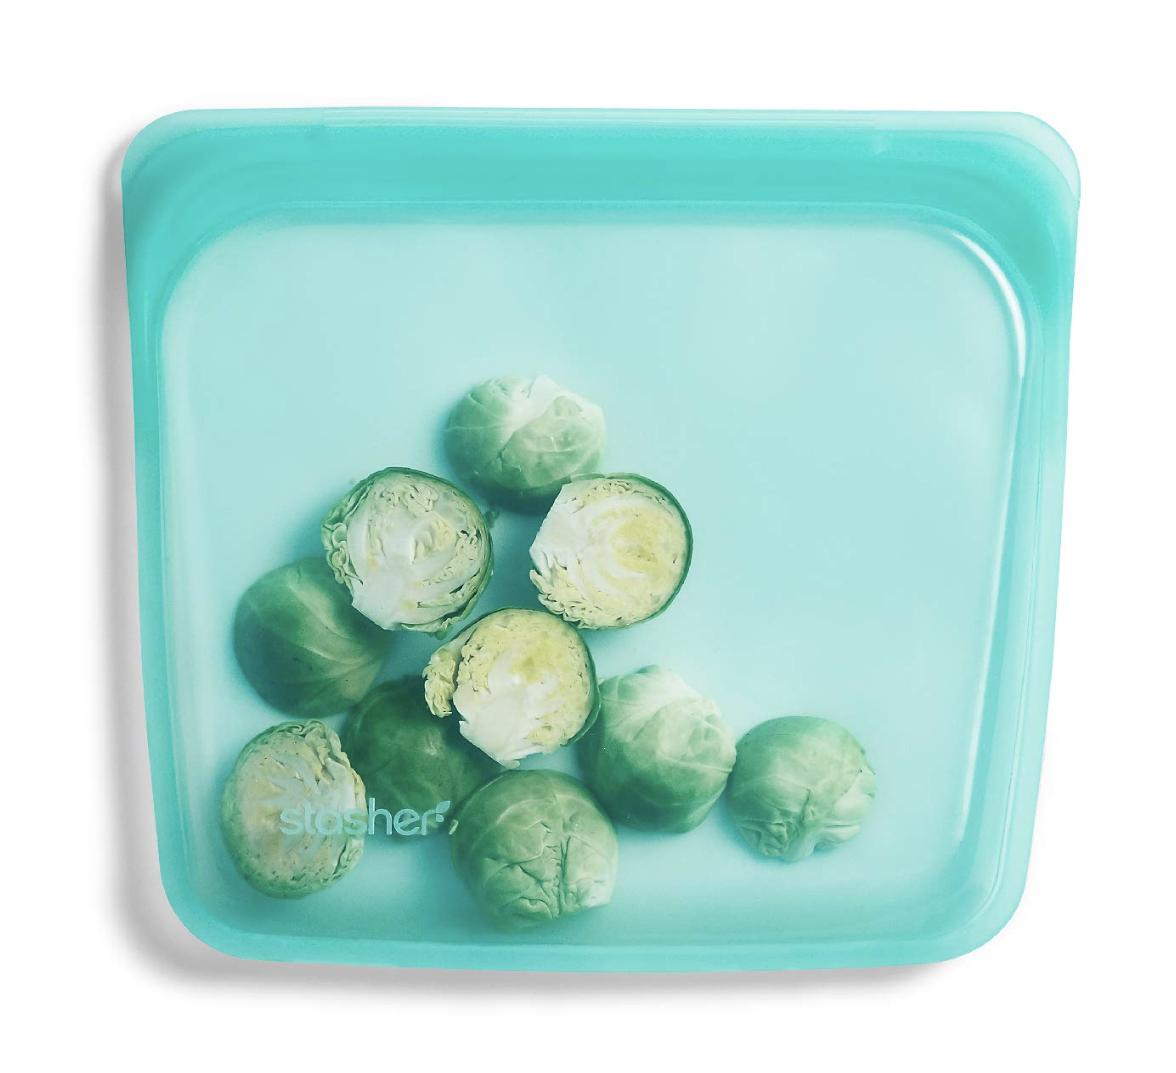 Stasher 100 Percent Silicone Reusable Food Bag